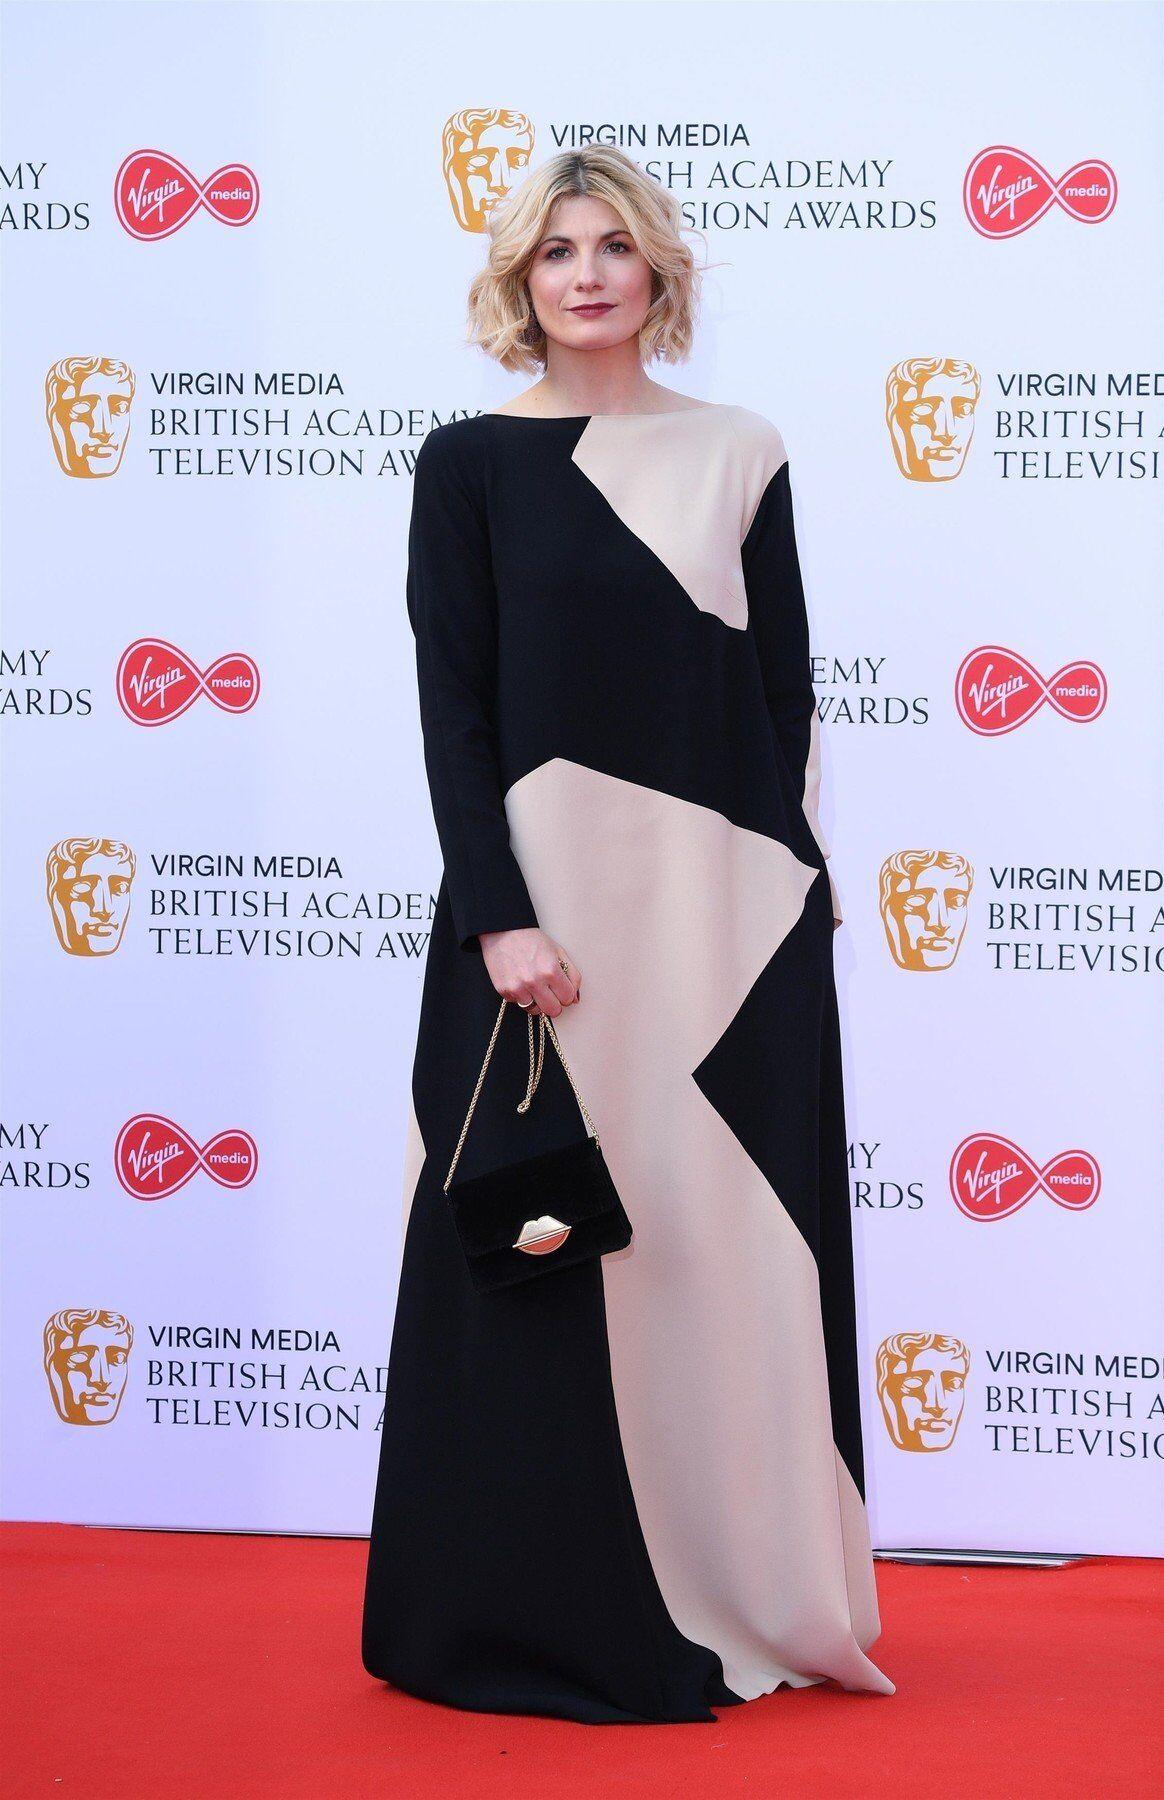 504b56ad00a8 Britská televizní hvězda Megan McKenna zvolila šaty jako stvořené pro vílu.  Na červeném koberci v nich zazářila a patří k těm nejhezčím